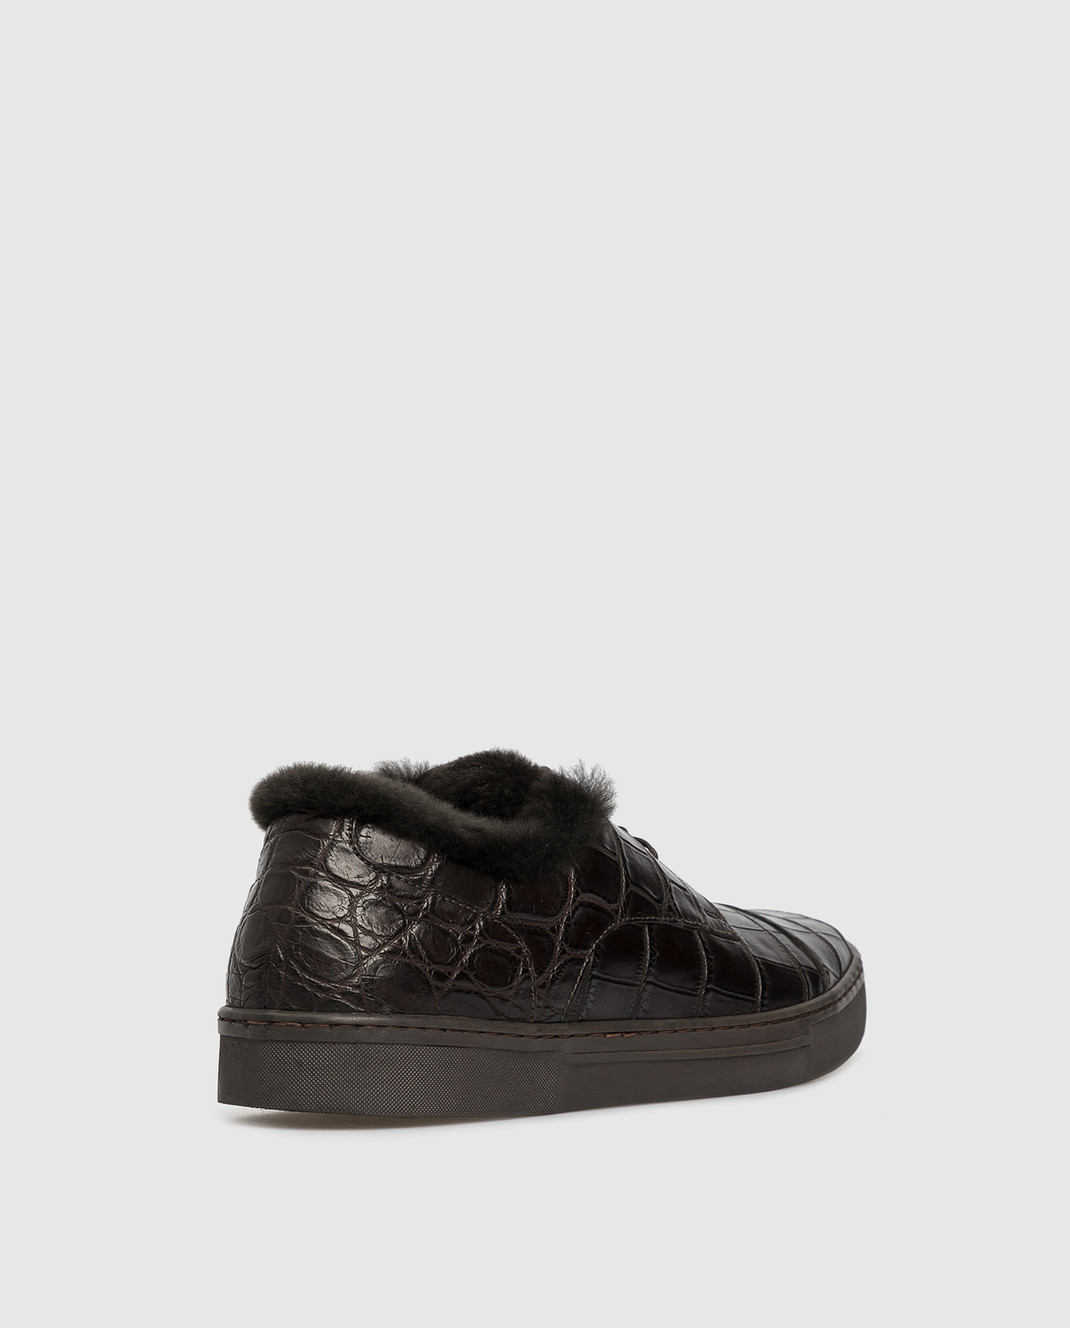 Del Dami Темно-коричневые ботинки из кожи крокодила на меху 3604 изображение 4